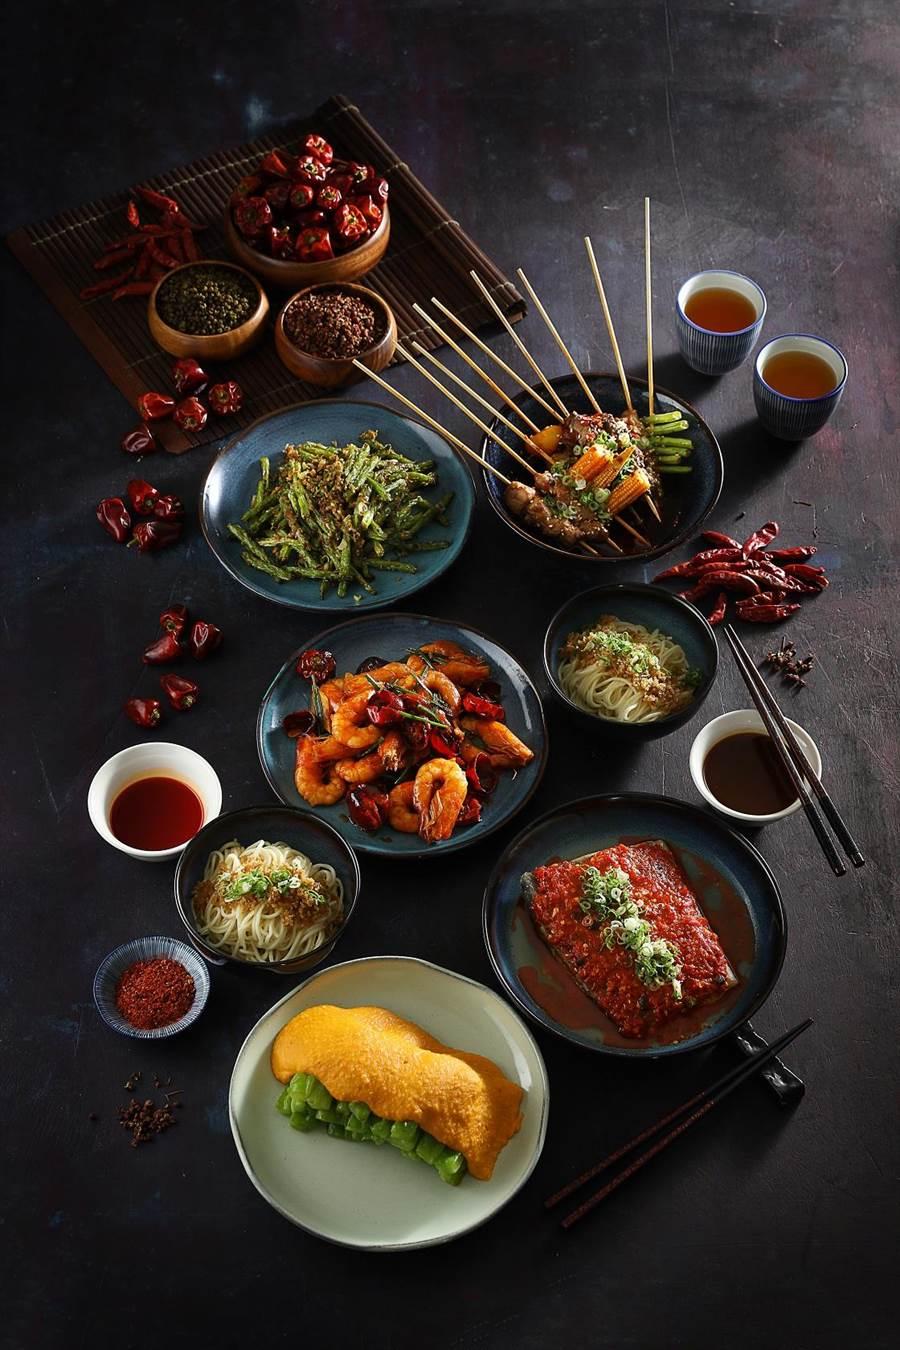 新光三越信義A9 6F「PACKIE 」10月9日開幕,是以台菜聞名的銀杏台式料理打造的新派川菜品牌。(新光三越提供)